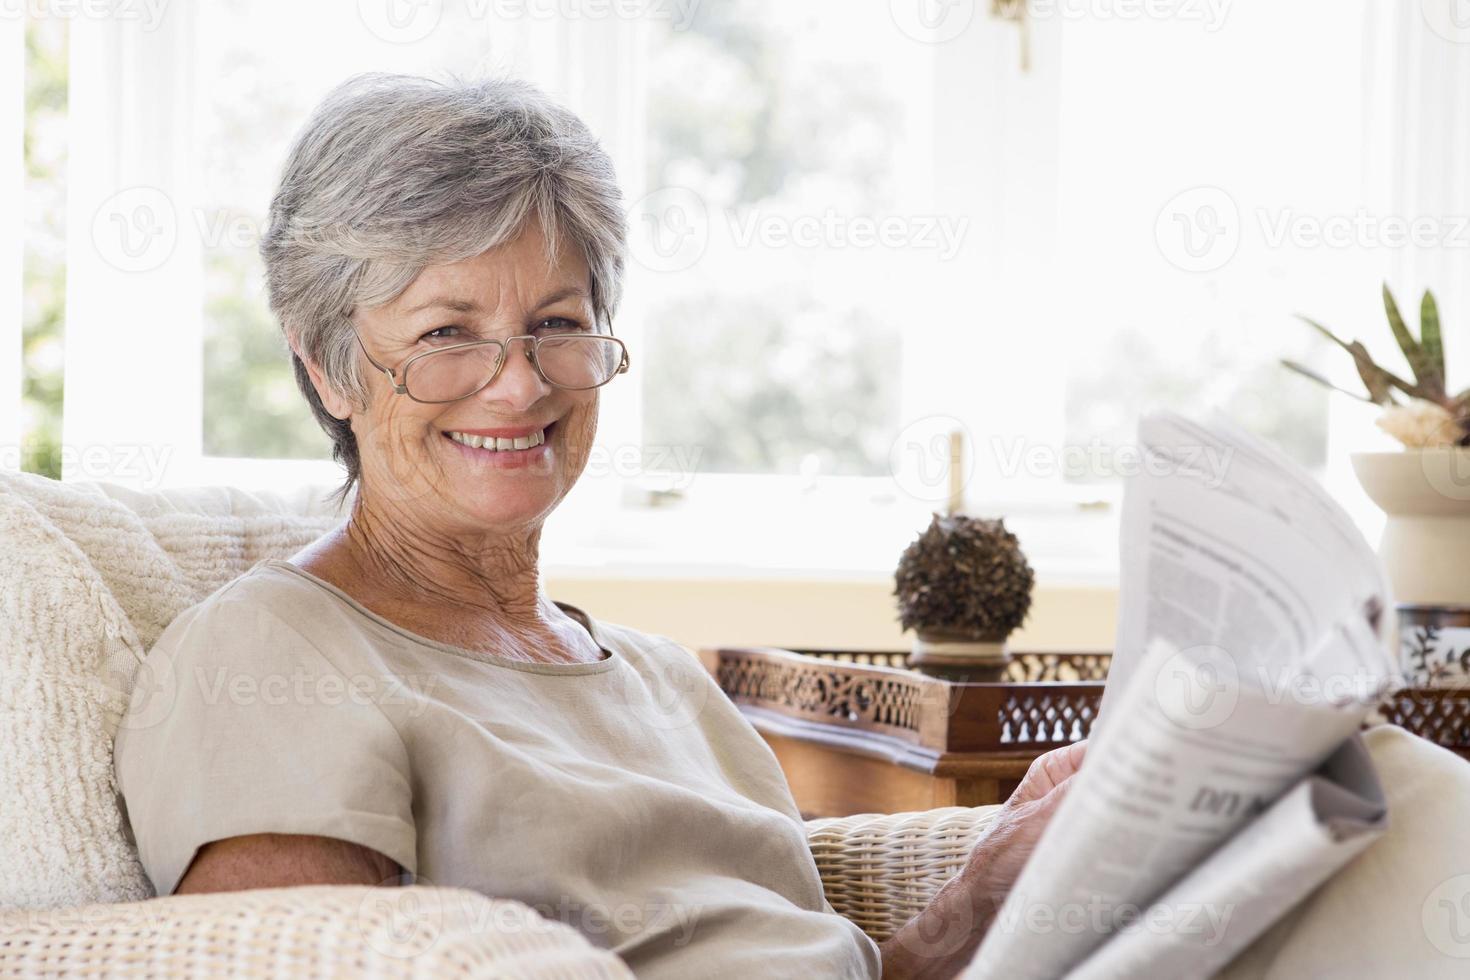 donna in salotto a leggere il giornale sorridente foto